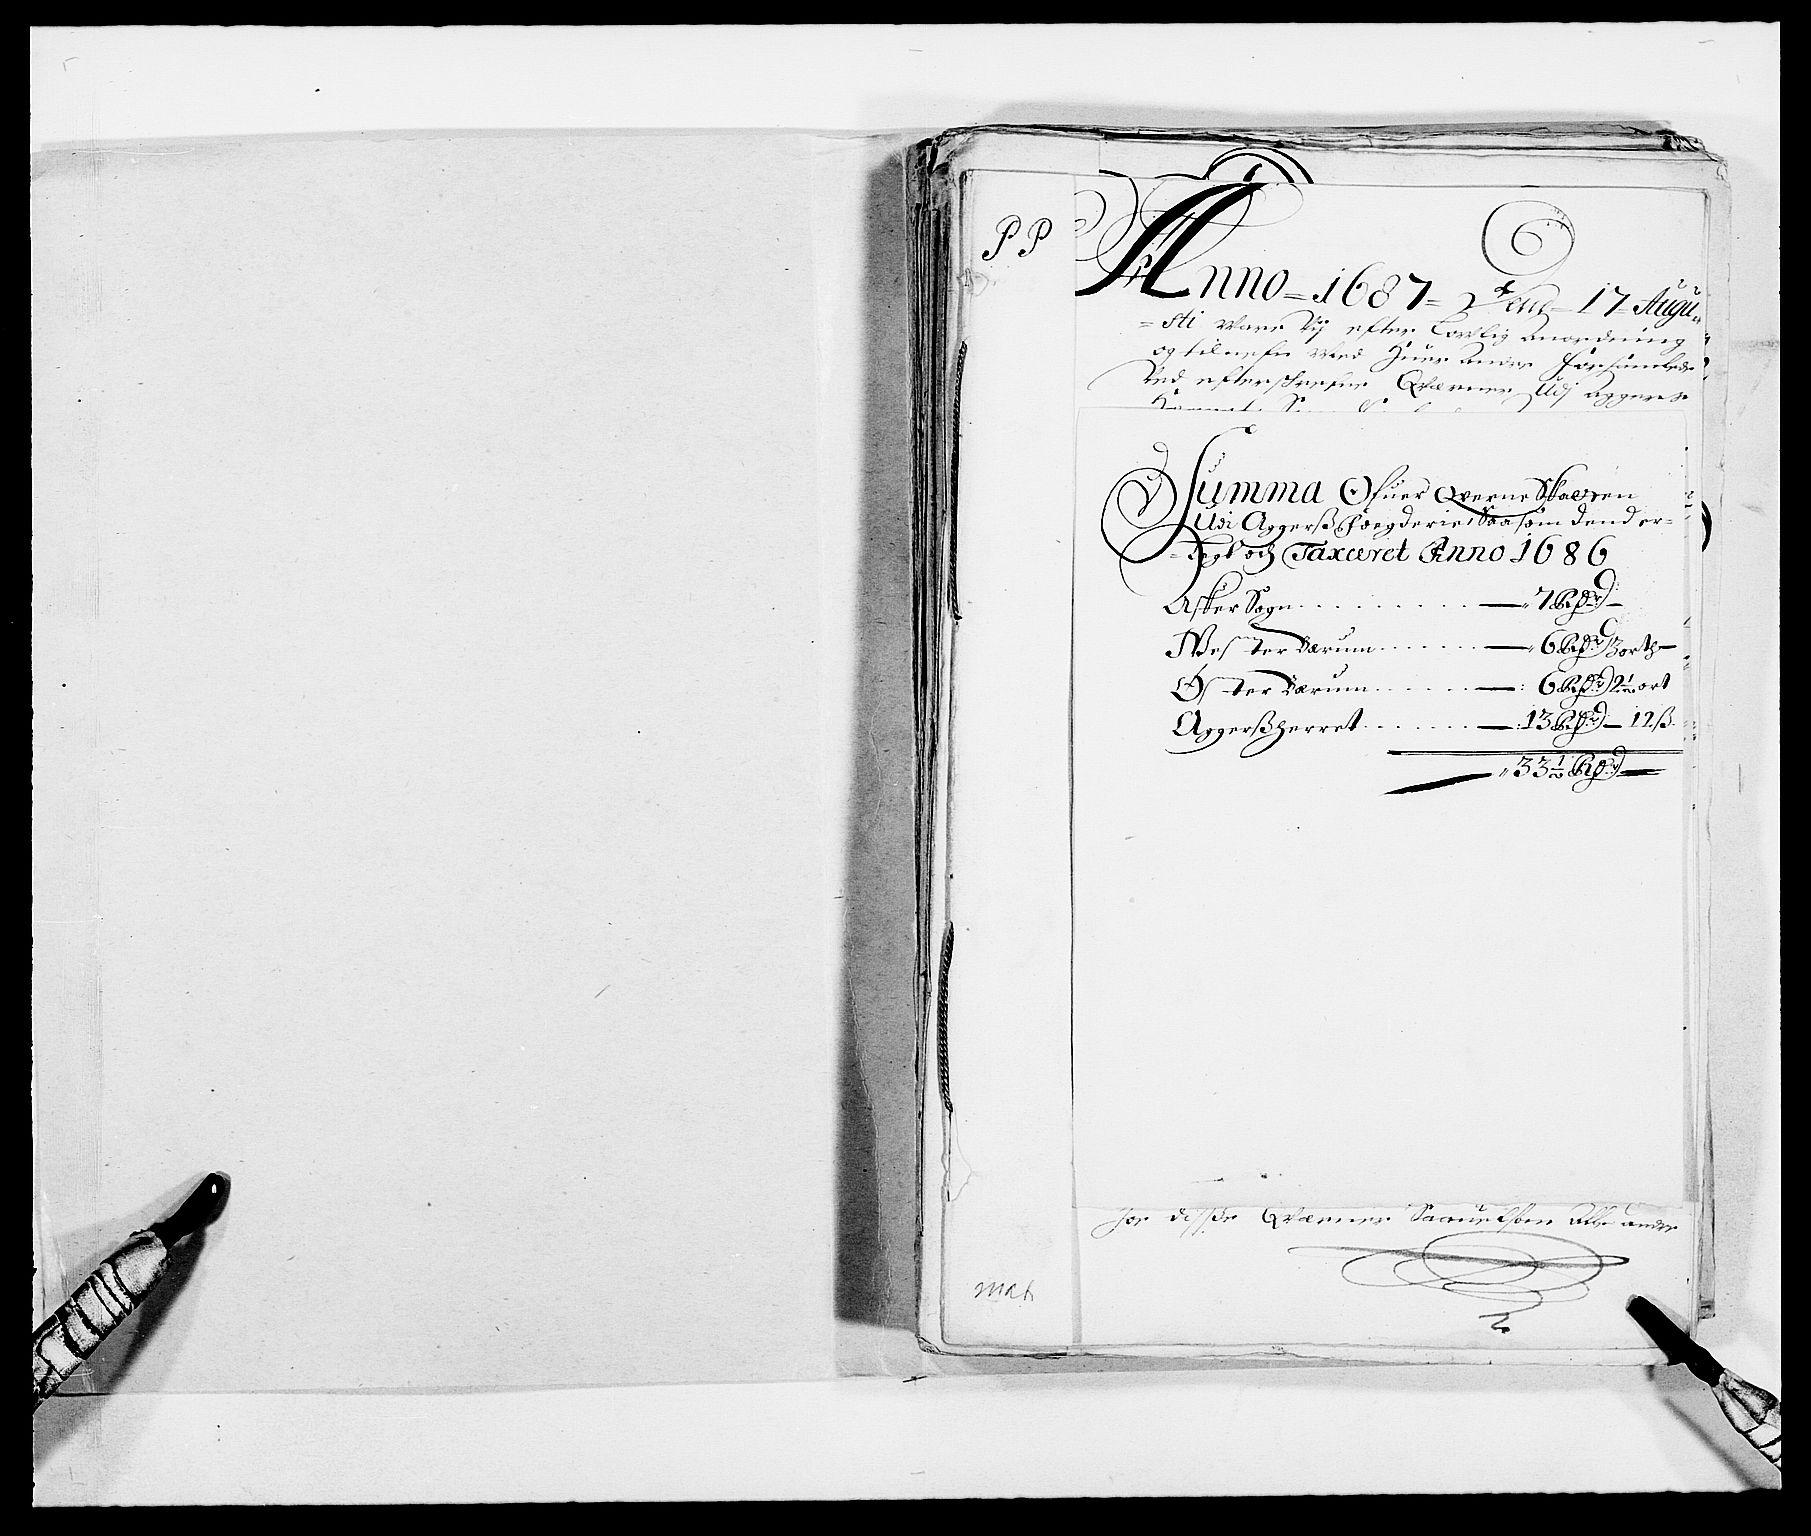 RA, Rentekammeret inntil 1814, Reviderte regnskaper, Fogderegnskap, R08/L0422: Fogderegnskap Aker, 1684-1686, s. 144